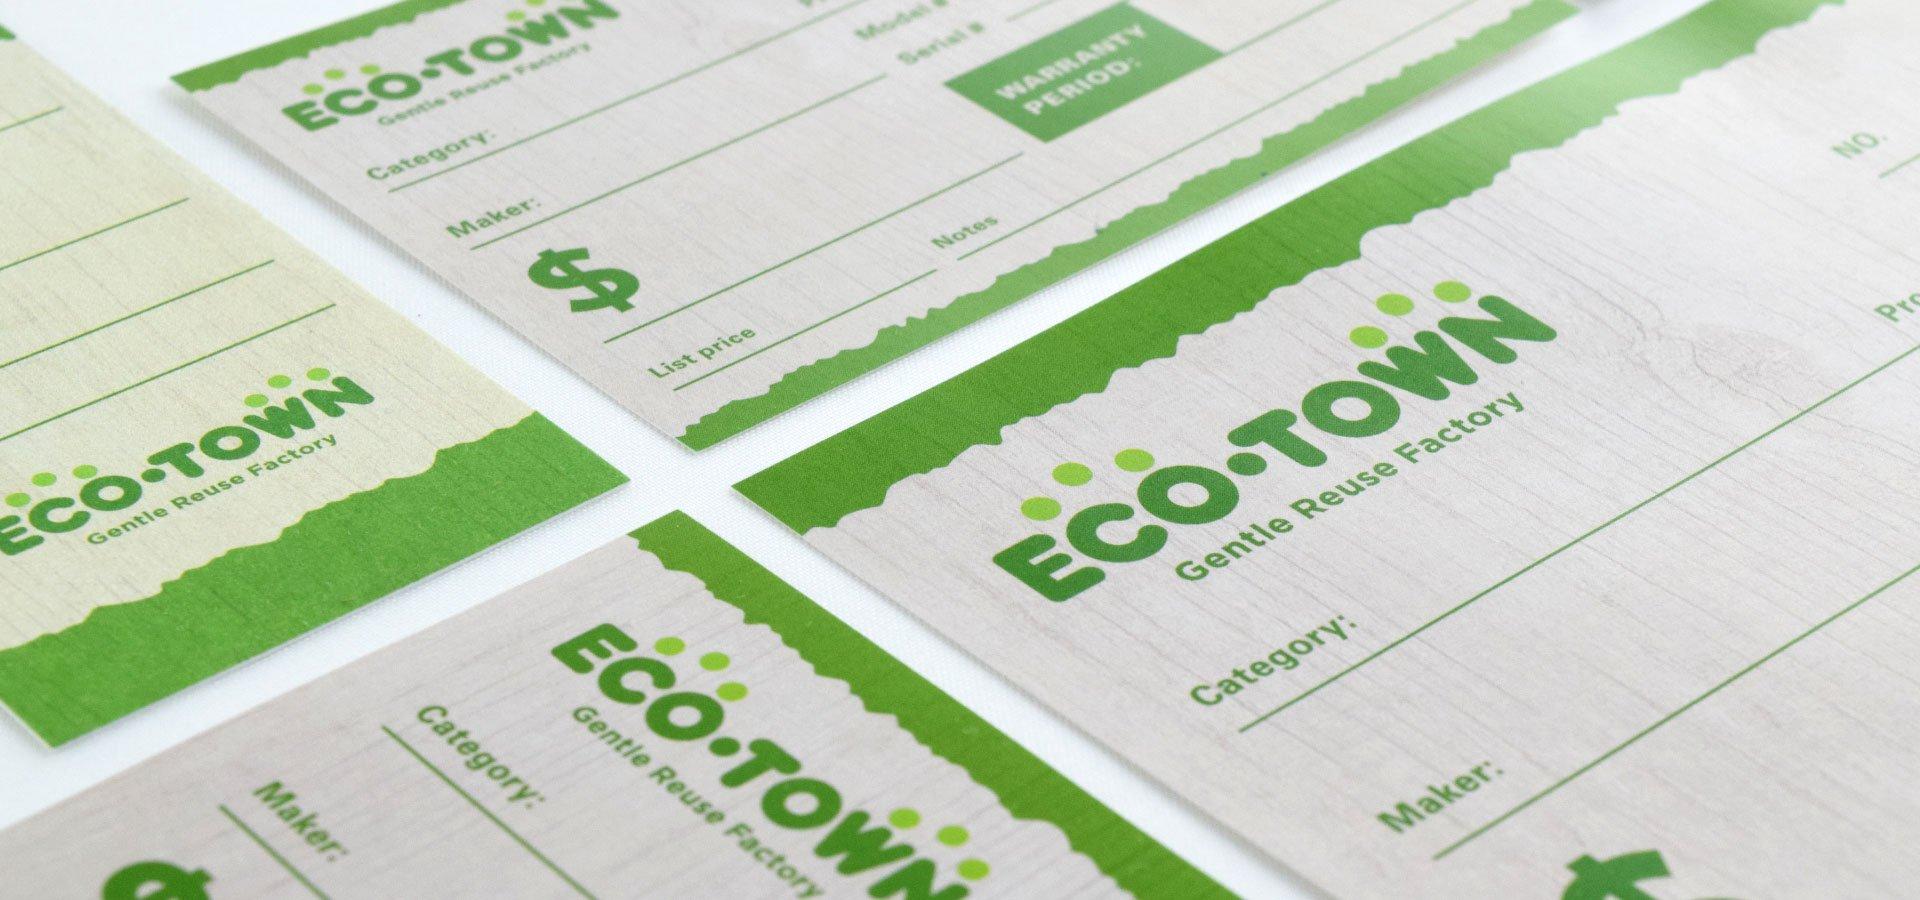 ecotown_print_title-web